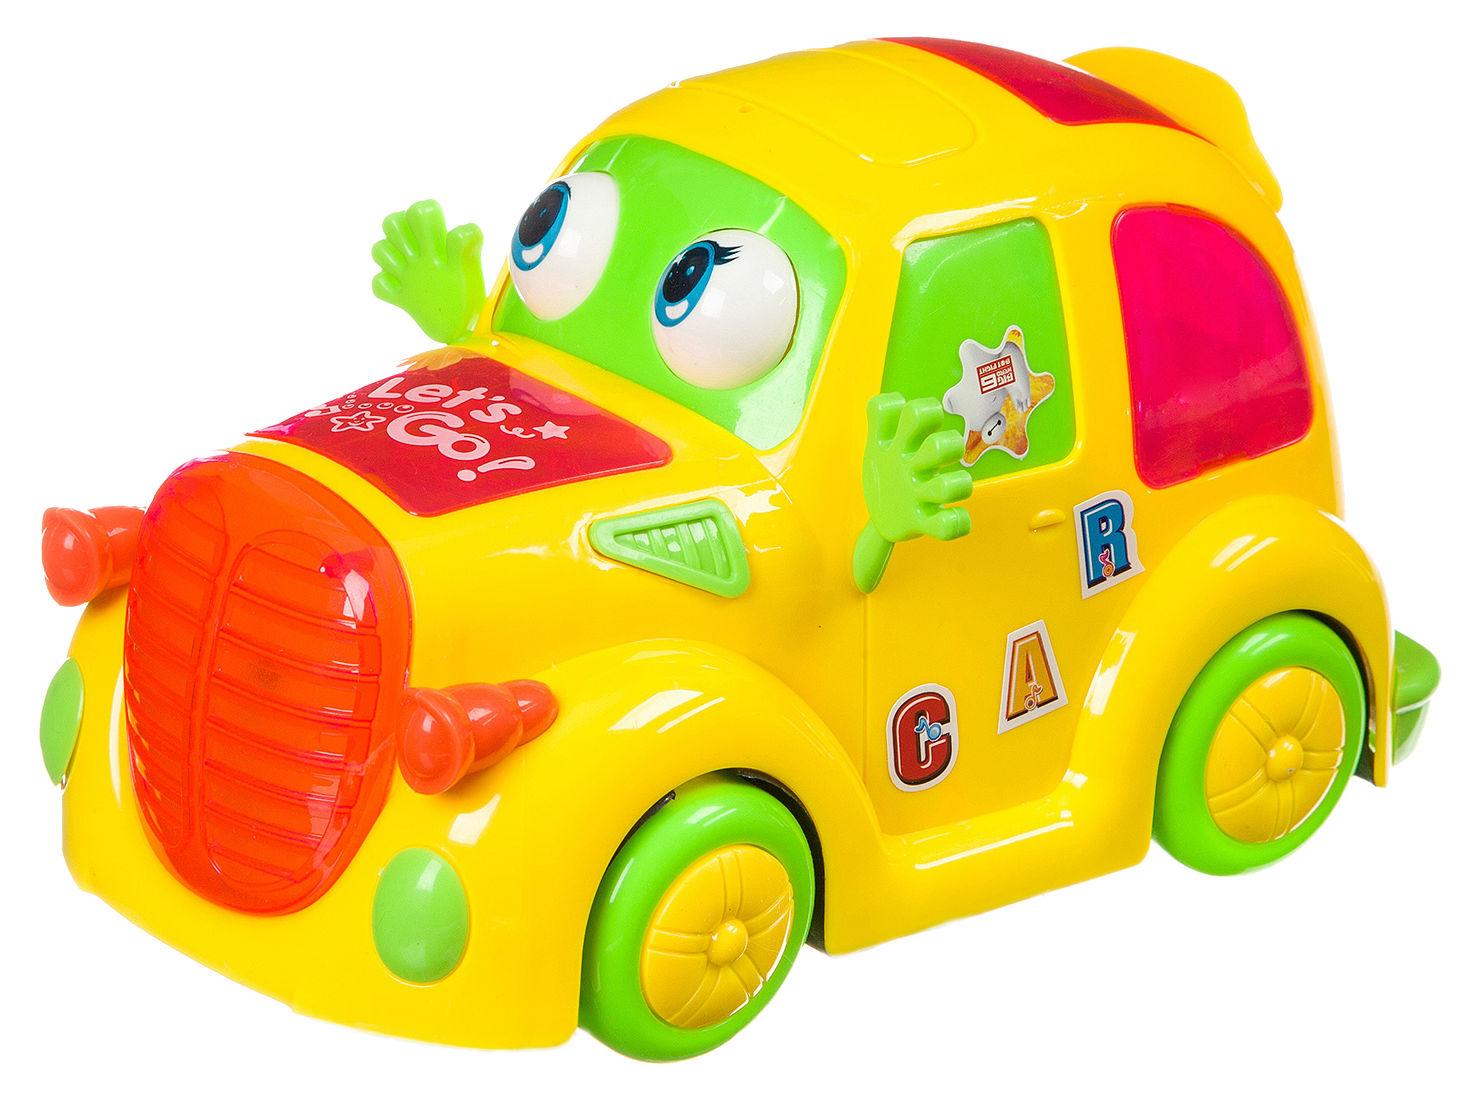 Купить Пласт. музык., светящ.3D машина на бат., ВОХ, арт.298-13., Shenzhen Toys, Игрушечные машинки